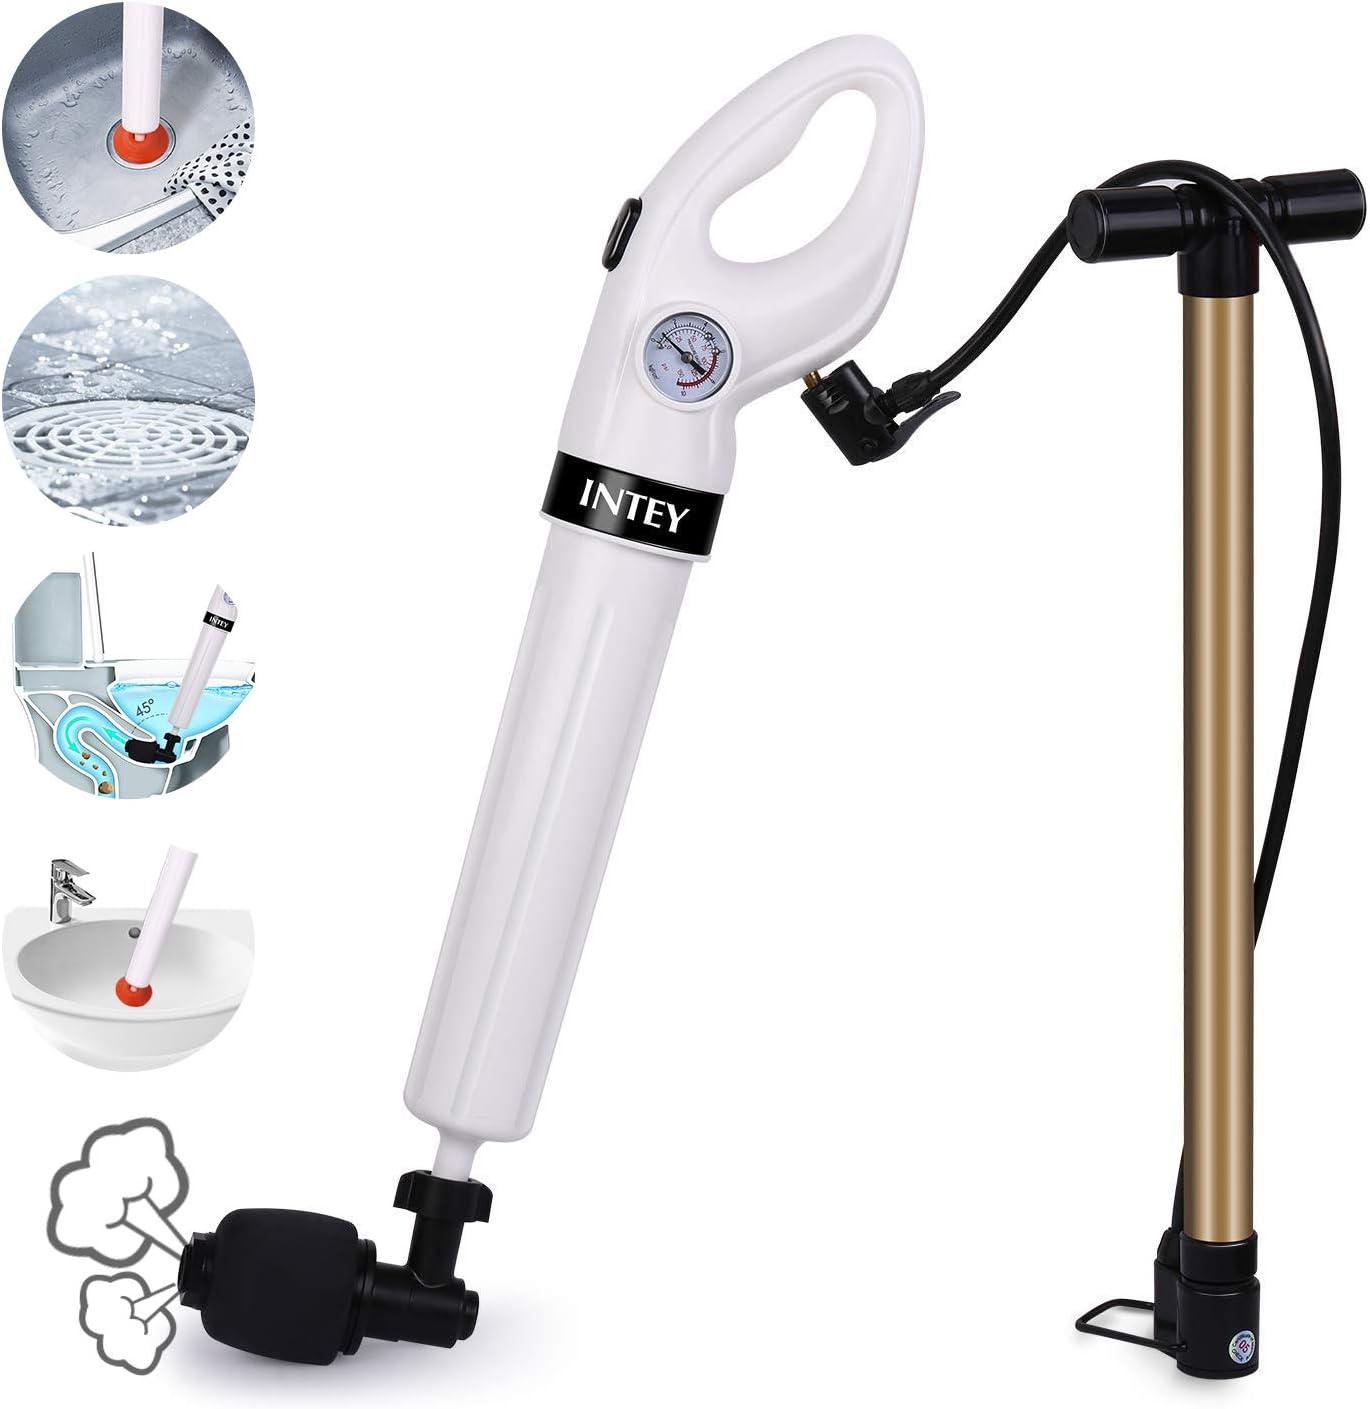 Intey - Desatascador de inodoro, presión de aire fuerte, manual de ...